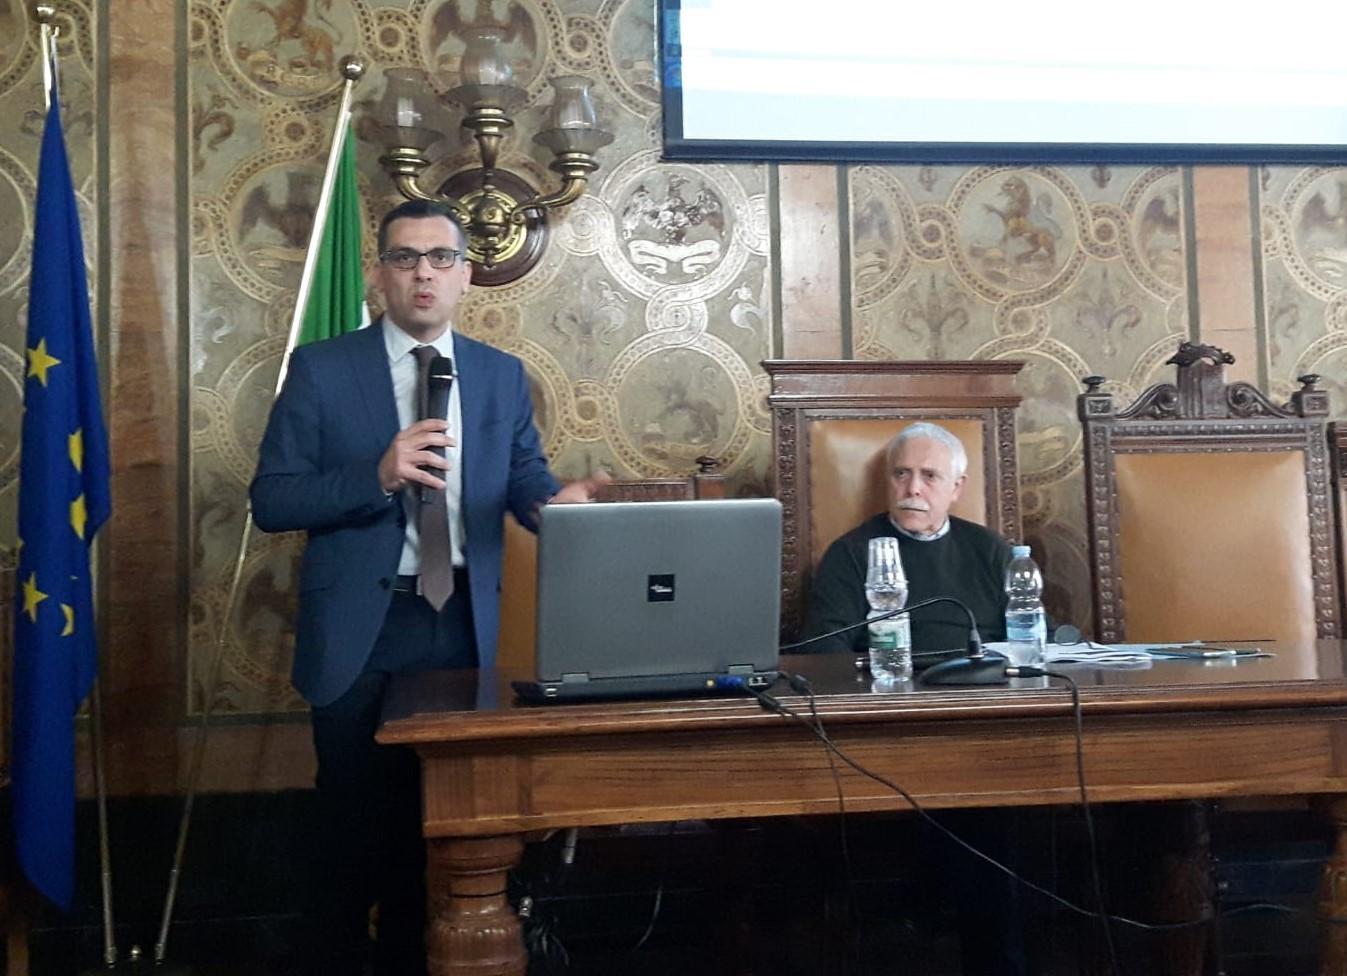 Denunce infortuni da Covid triplicate nella provincia di Reggio Calabria